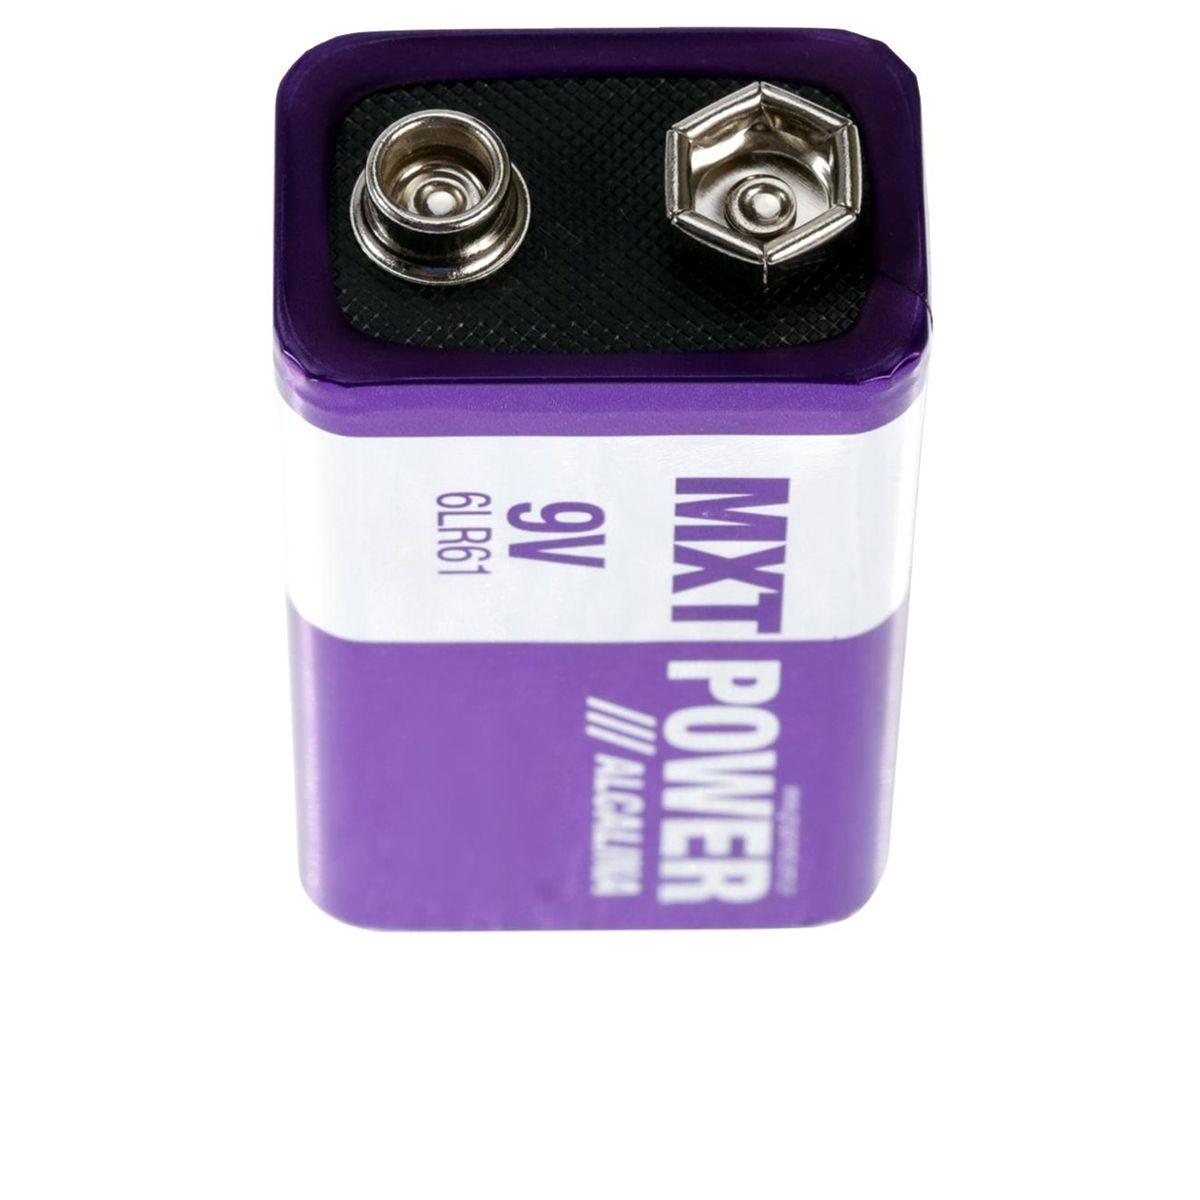 Bateria 9V Power Alcalina MXT 6LR61